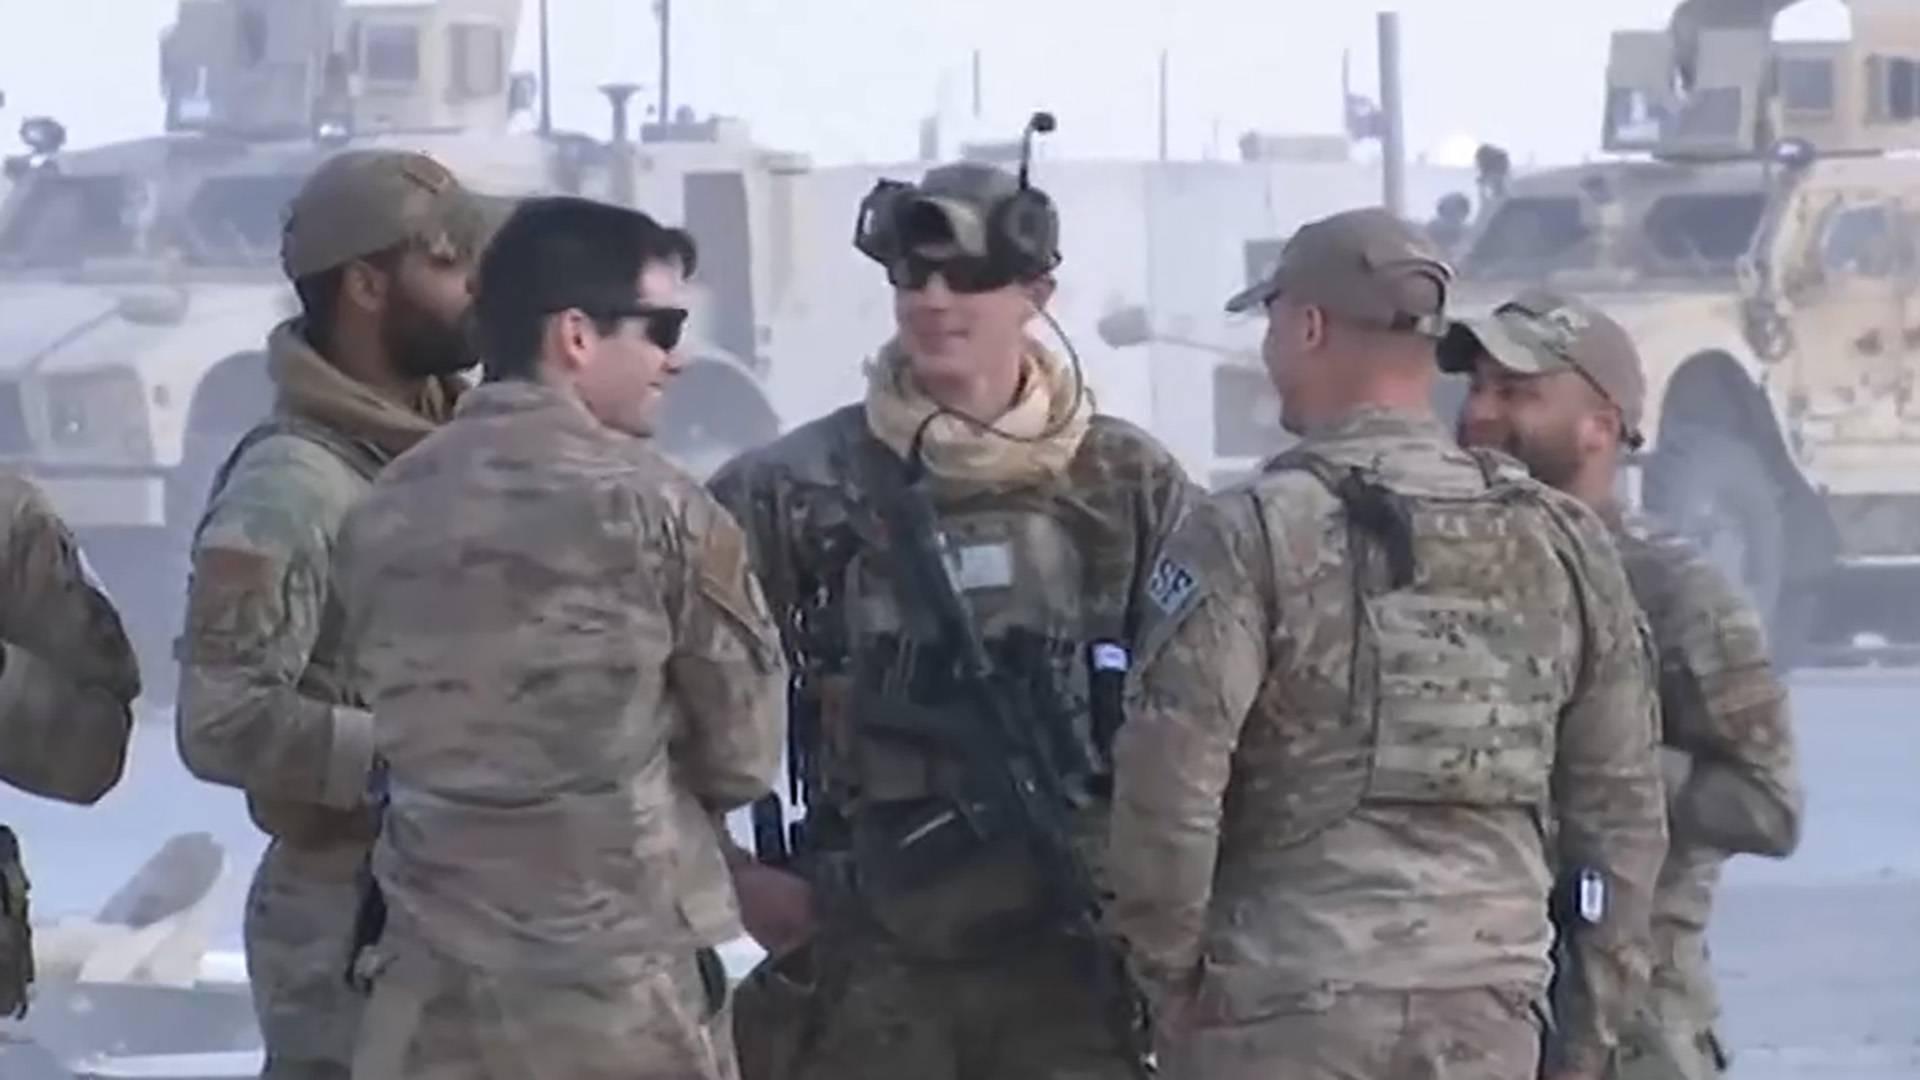 流氓行径!美国拒绝撤军,威胁冻结伊拉克央行账户